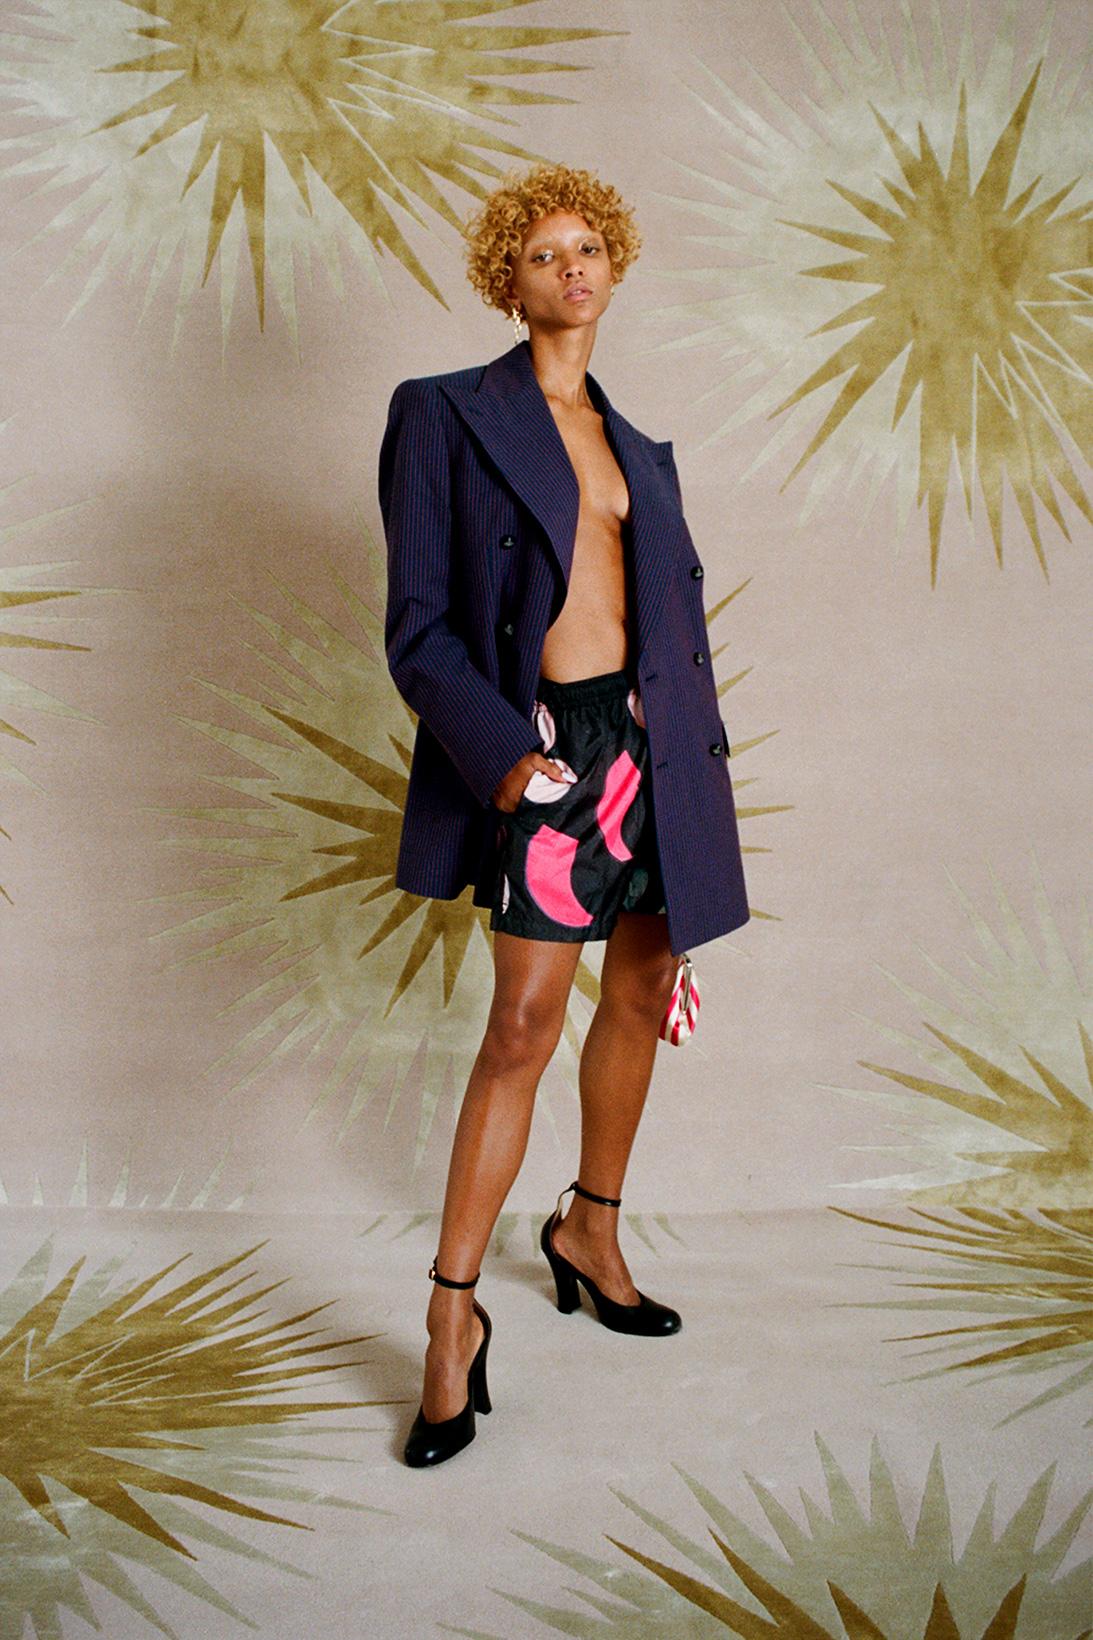 Vivienne Westwood apuesta por la diversidad y lo disruptivo en su colección SS21